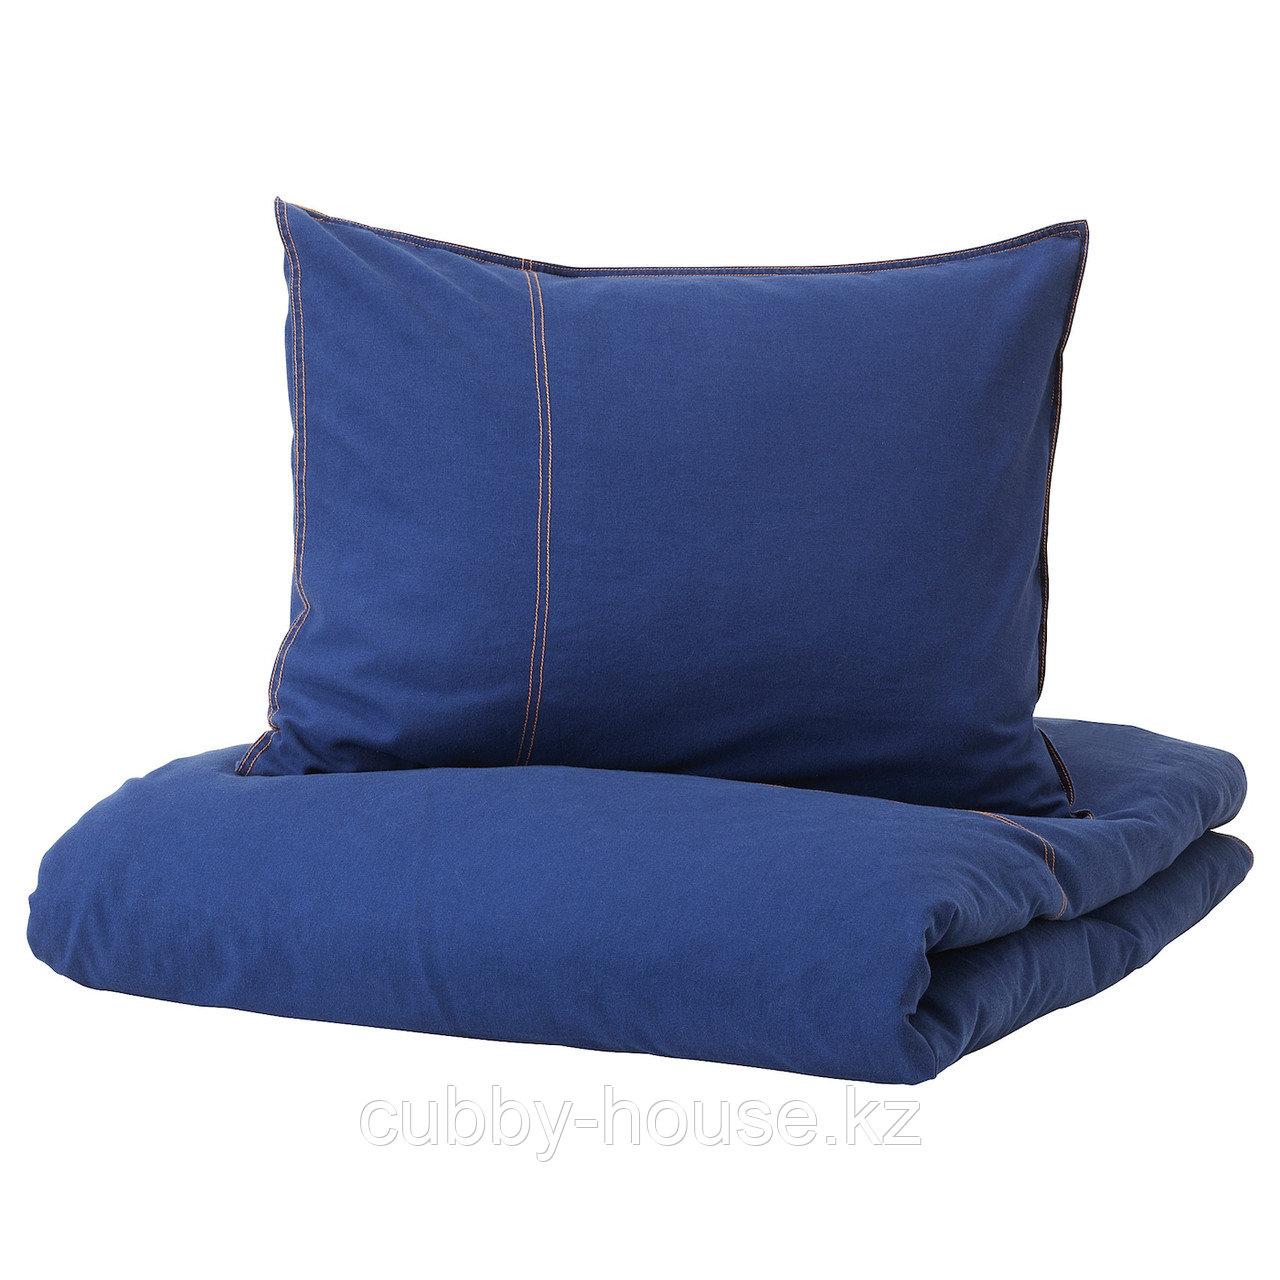 СОНГЛЭРКА Пододеяльник и 1 наволочка, темно-синий, 150x200/50x70 см